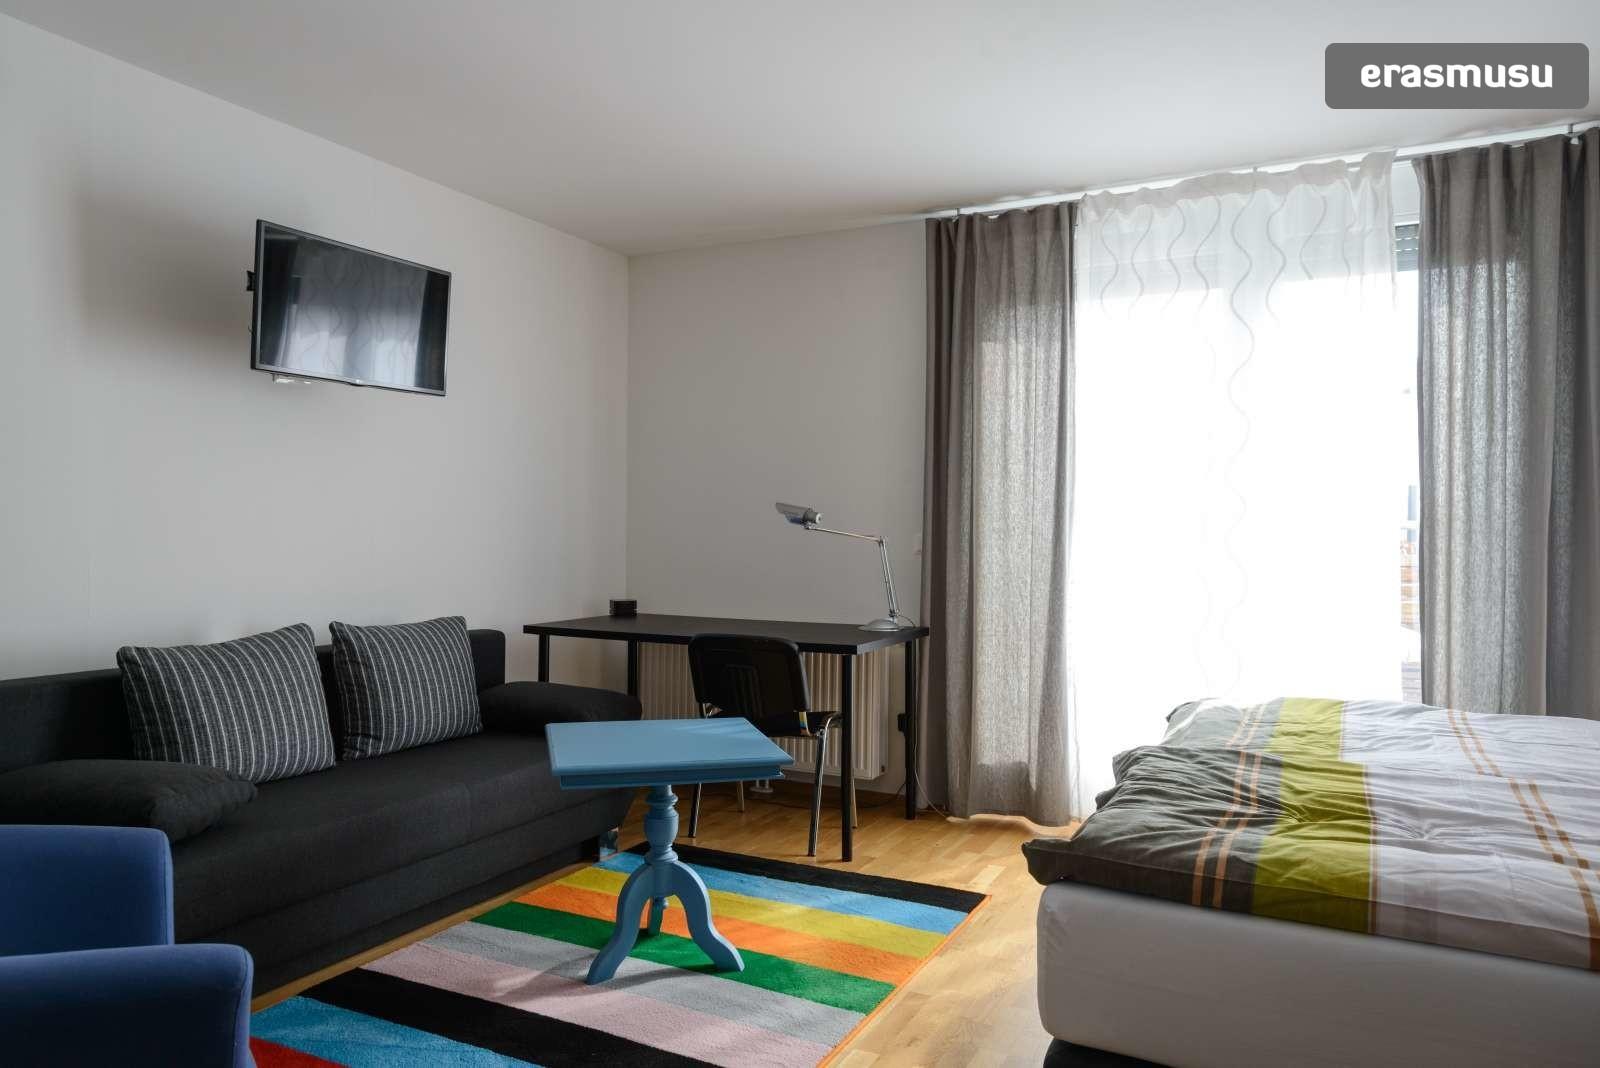 spacious-studio-apartment-rent-aspern-area-donaustadt-c735c79e7b